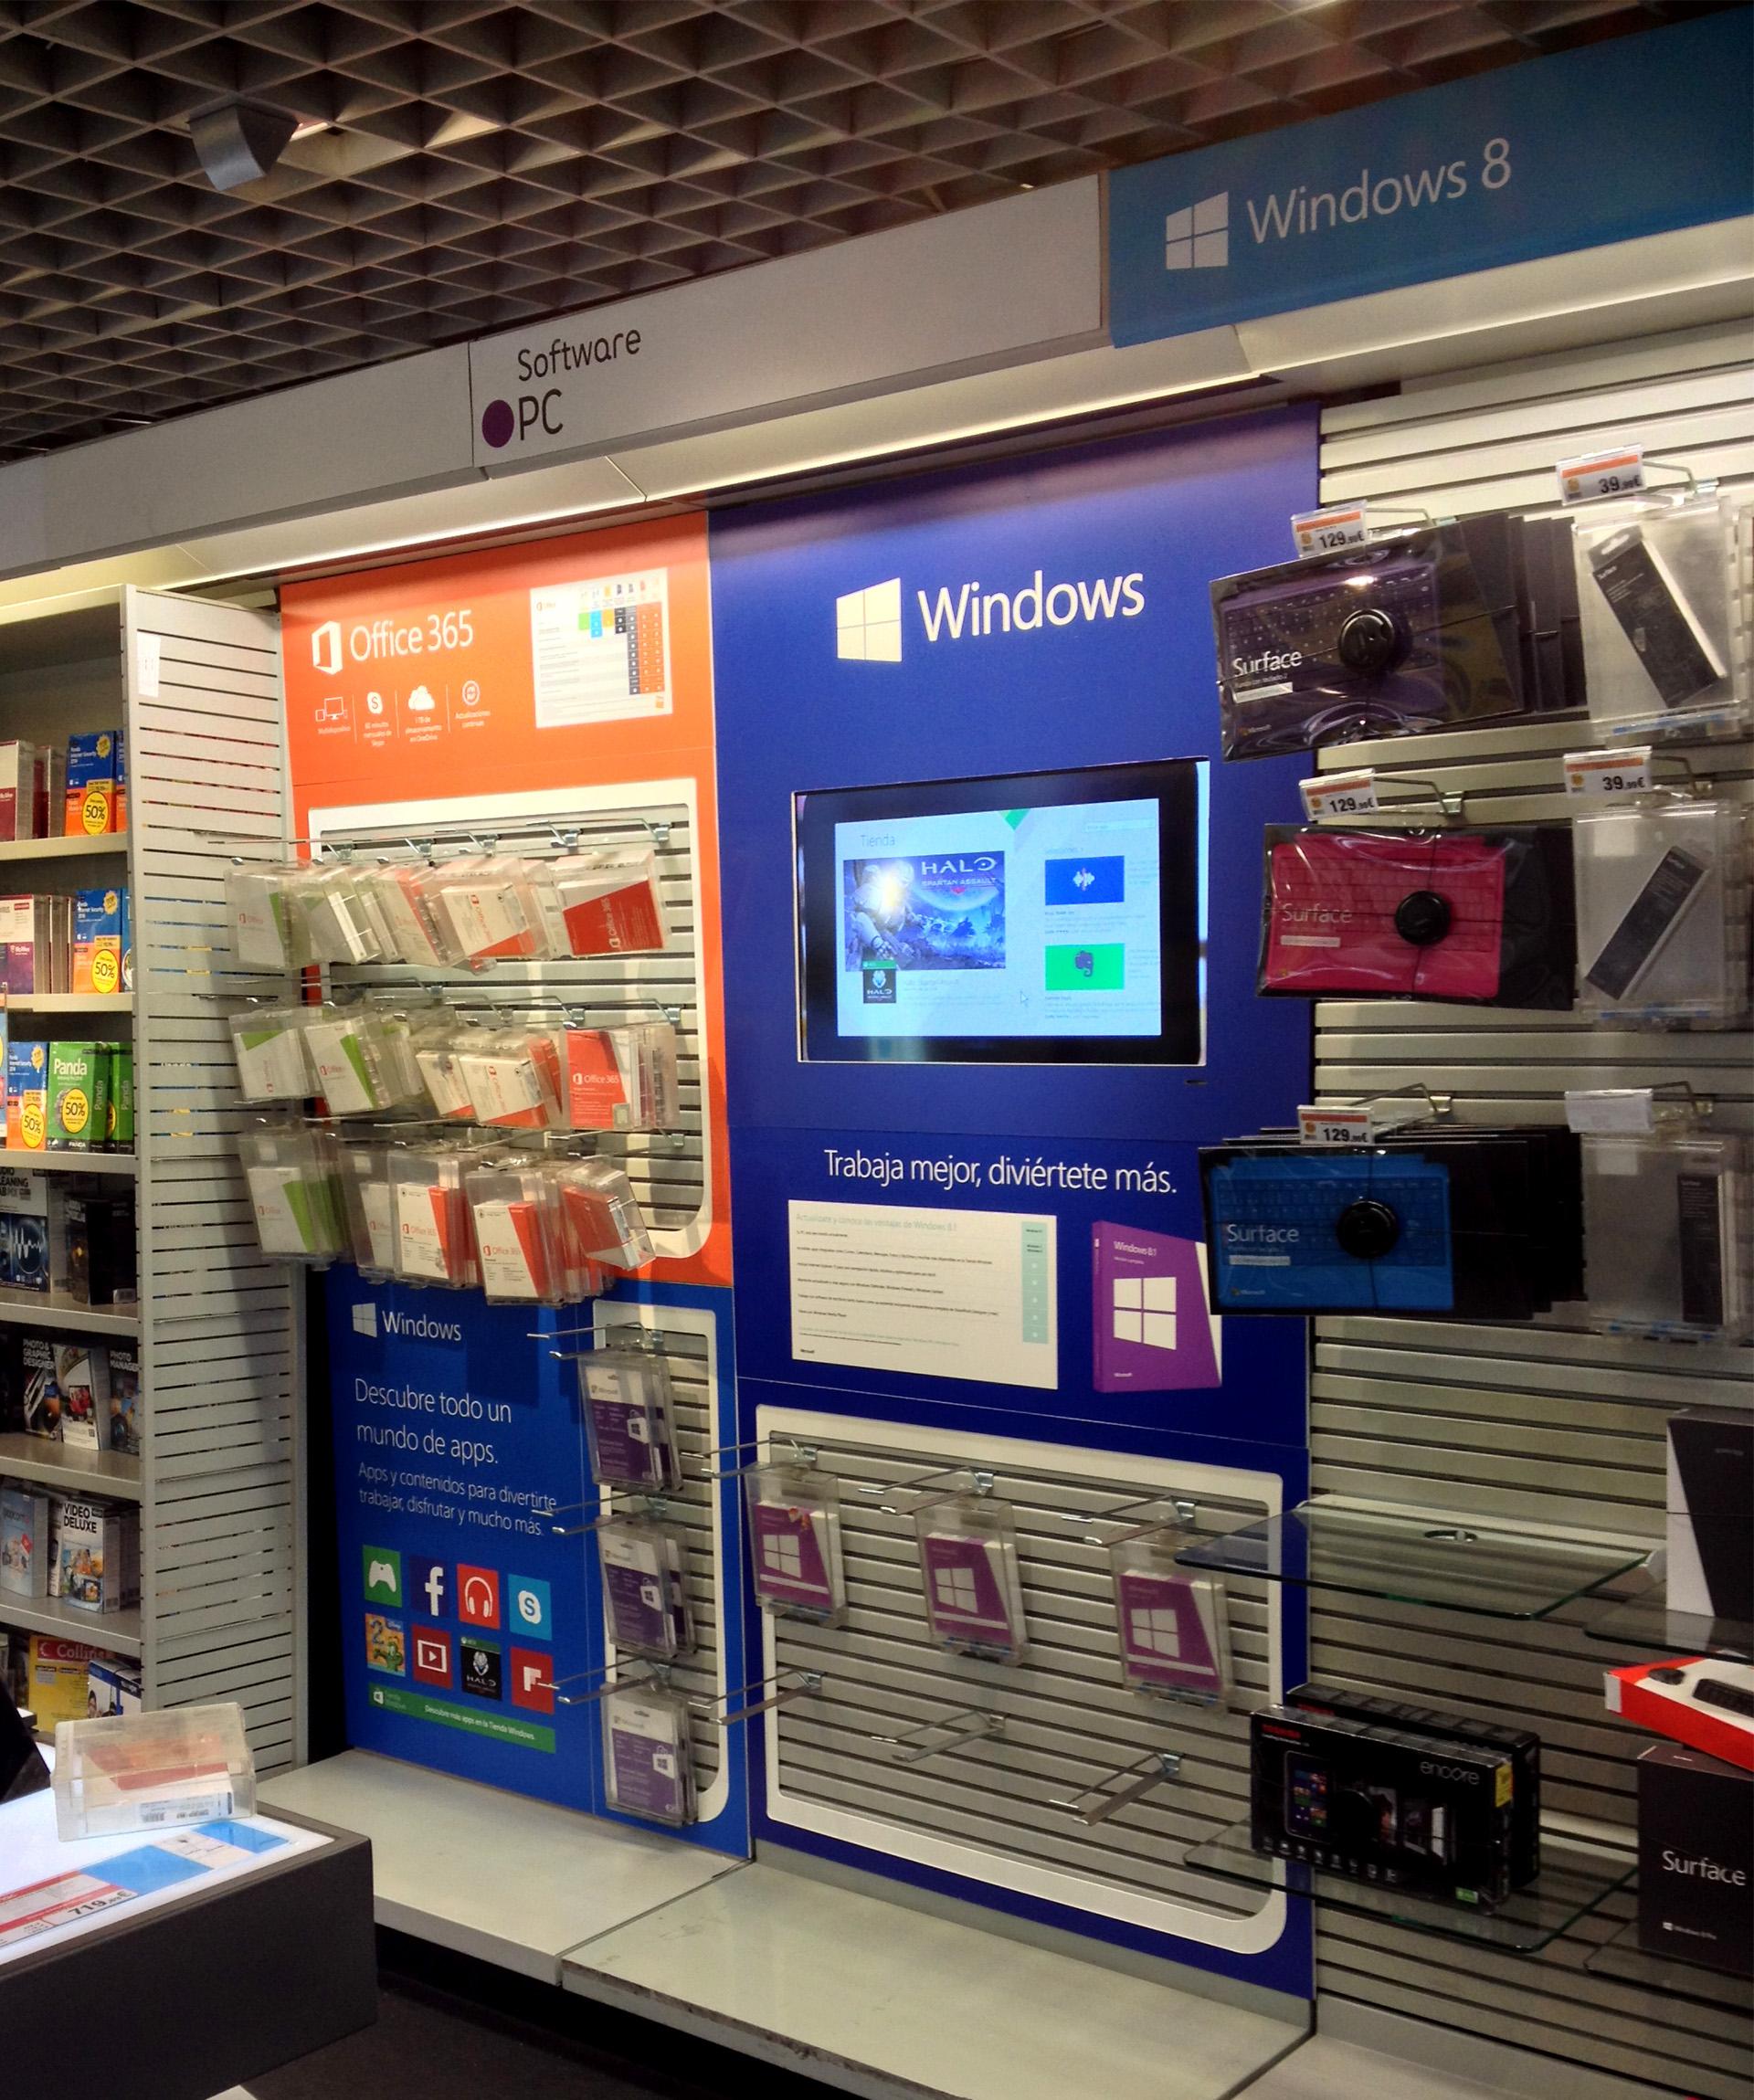 Lineales Microsoft en tendas Fnac